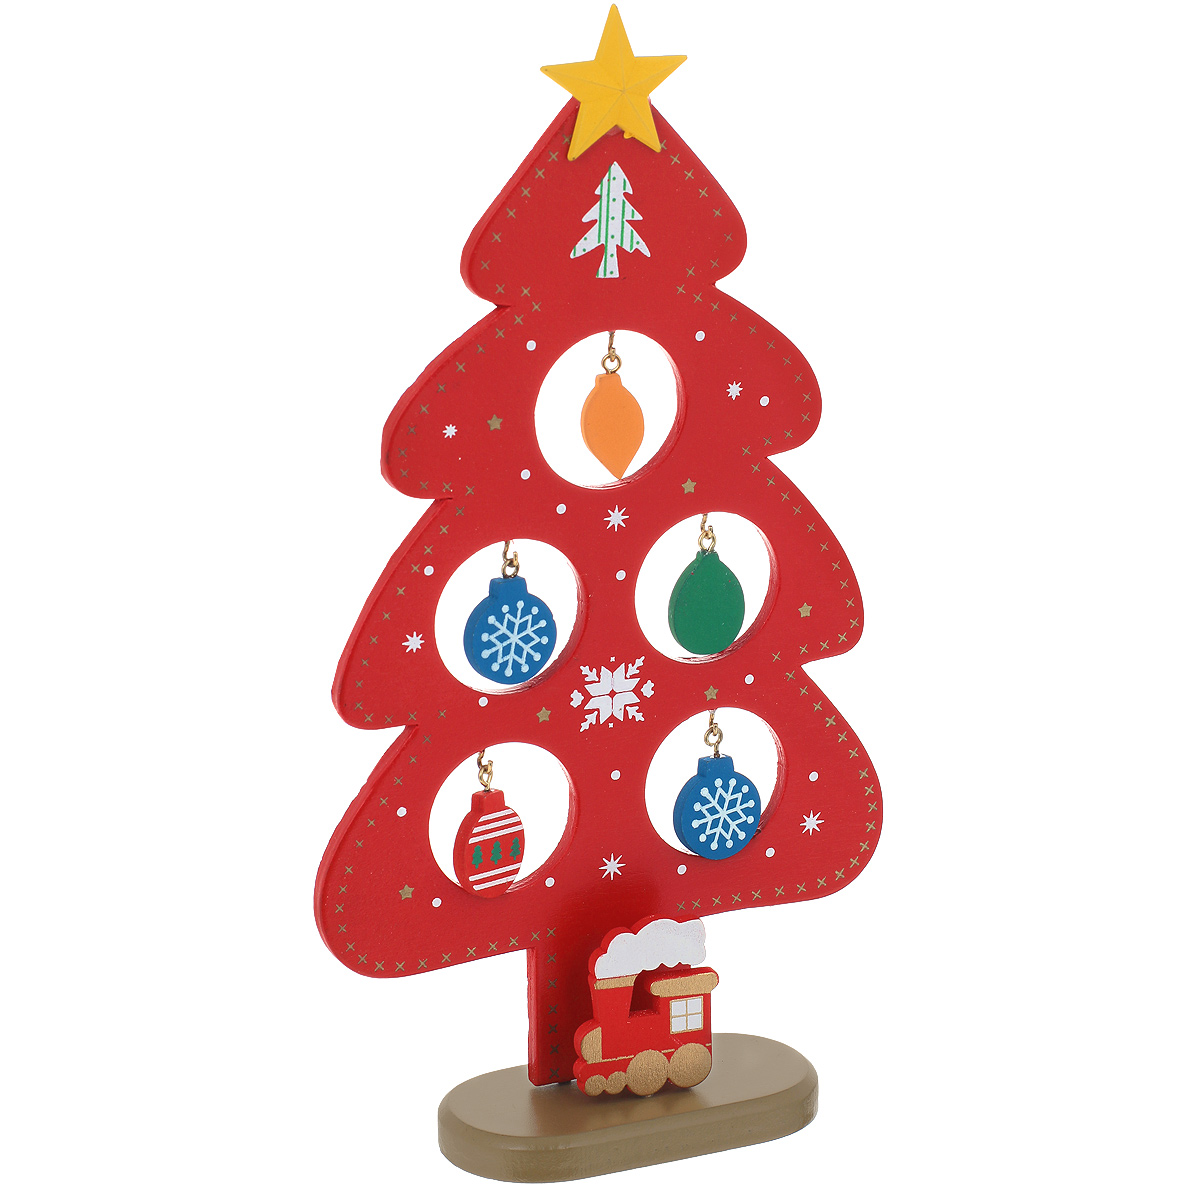 Новогоднее деревянное украшение Елочка, цвет: красный. 35252BH-SI0439-WWОригинальное деревянное украшение Елочка гармонично впишется в праздничный интерьер вашего дома или офиса. Украшение выполнено из древесины тополя в виде красной елочки, которая устанавливается на подставку. На елке имеются металлические крючки для деревянных игрушек. Сверху елочку украшает желтая звезда. Новогодние украшения всегда несут в себе волшебство и красоту праздника. Создайте в своем доме атмосферу тепла, веселья и радости, украшая его всей семьей.